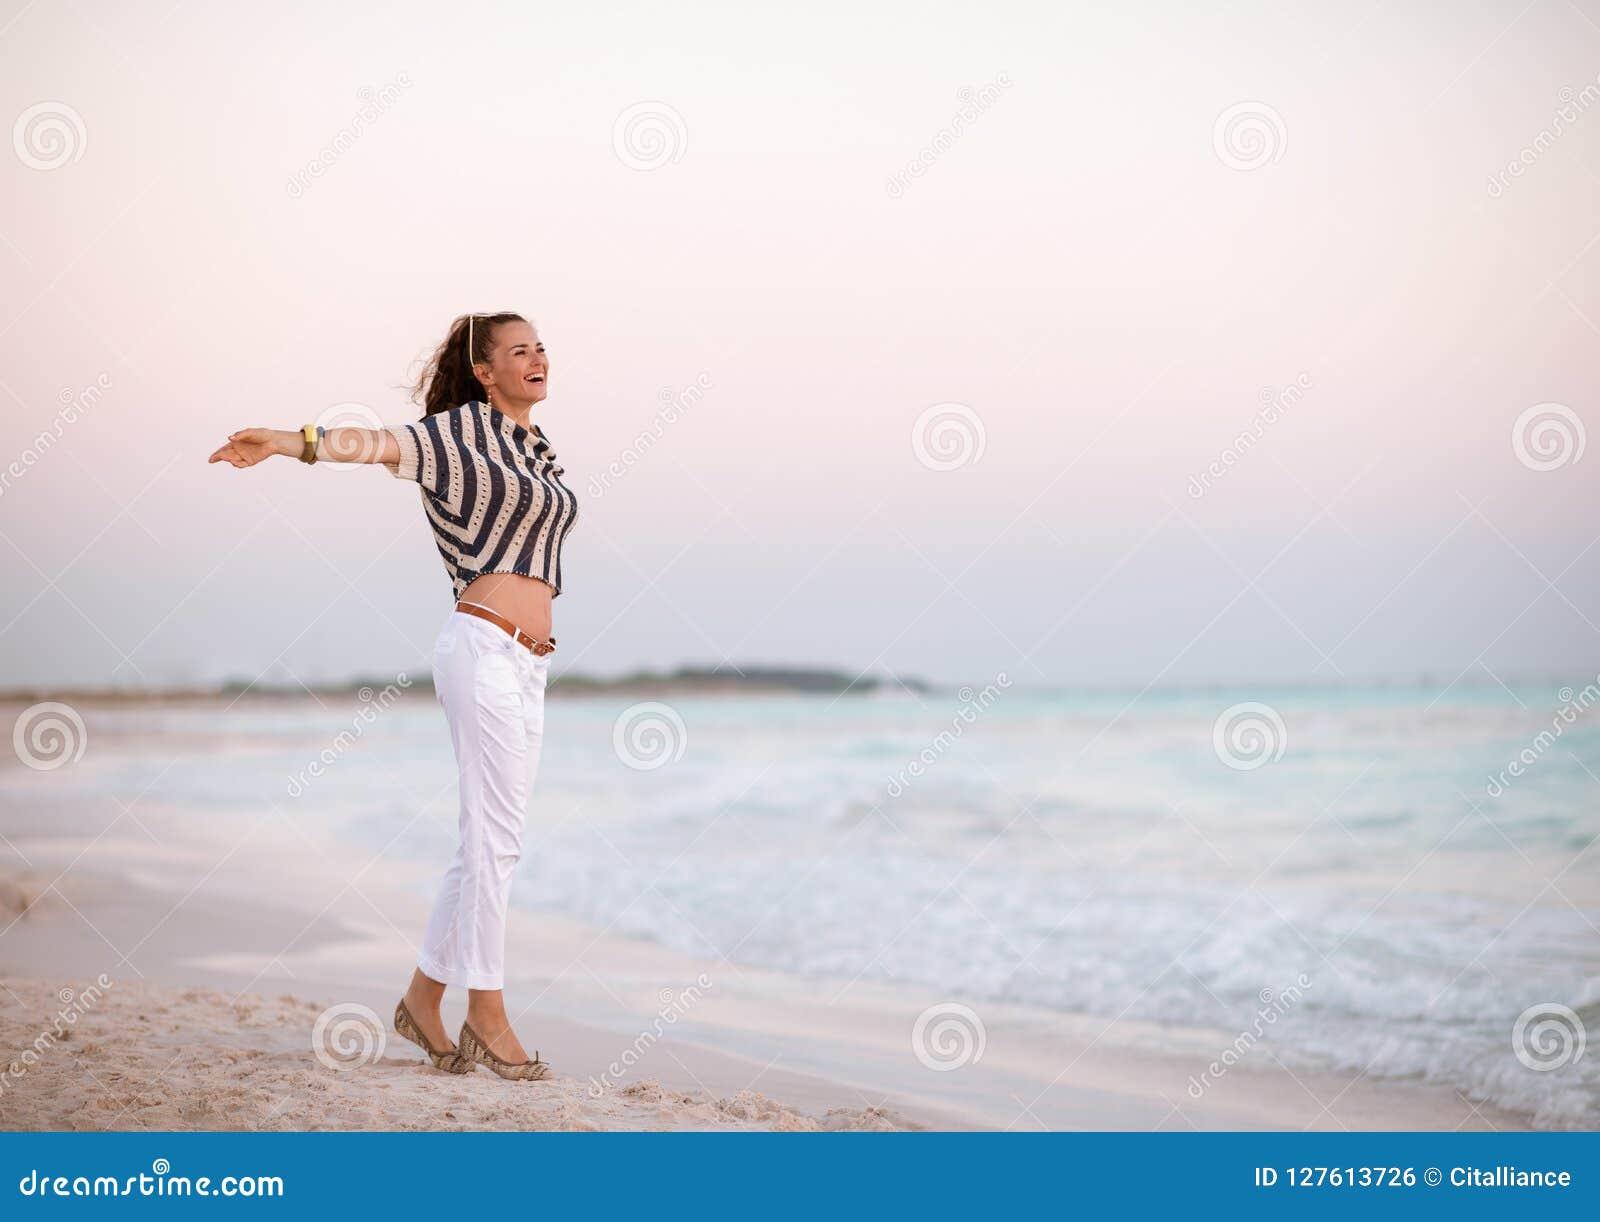 Moderne vrouw op strand bij zich zonsondergang het verheugen